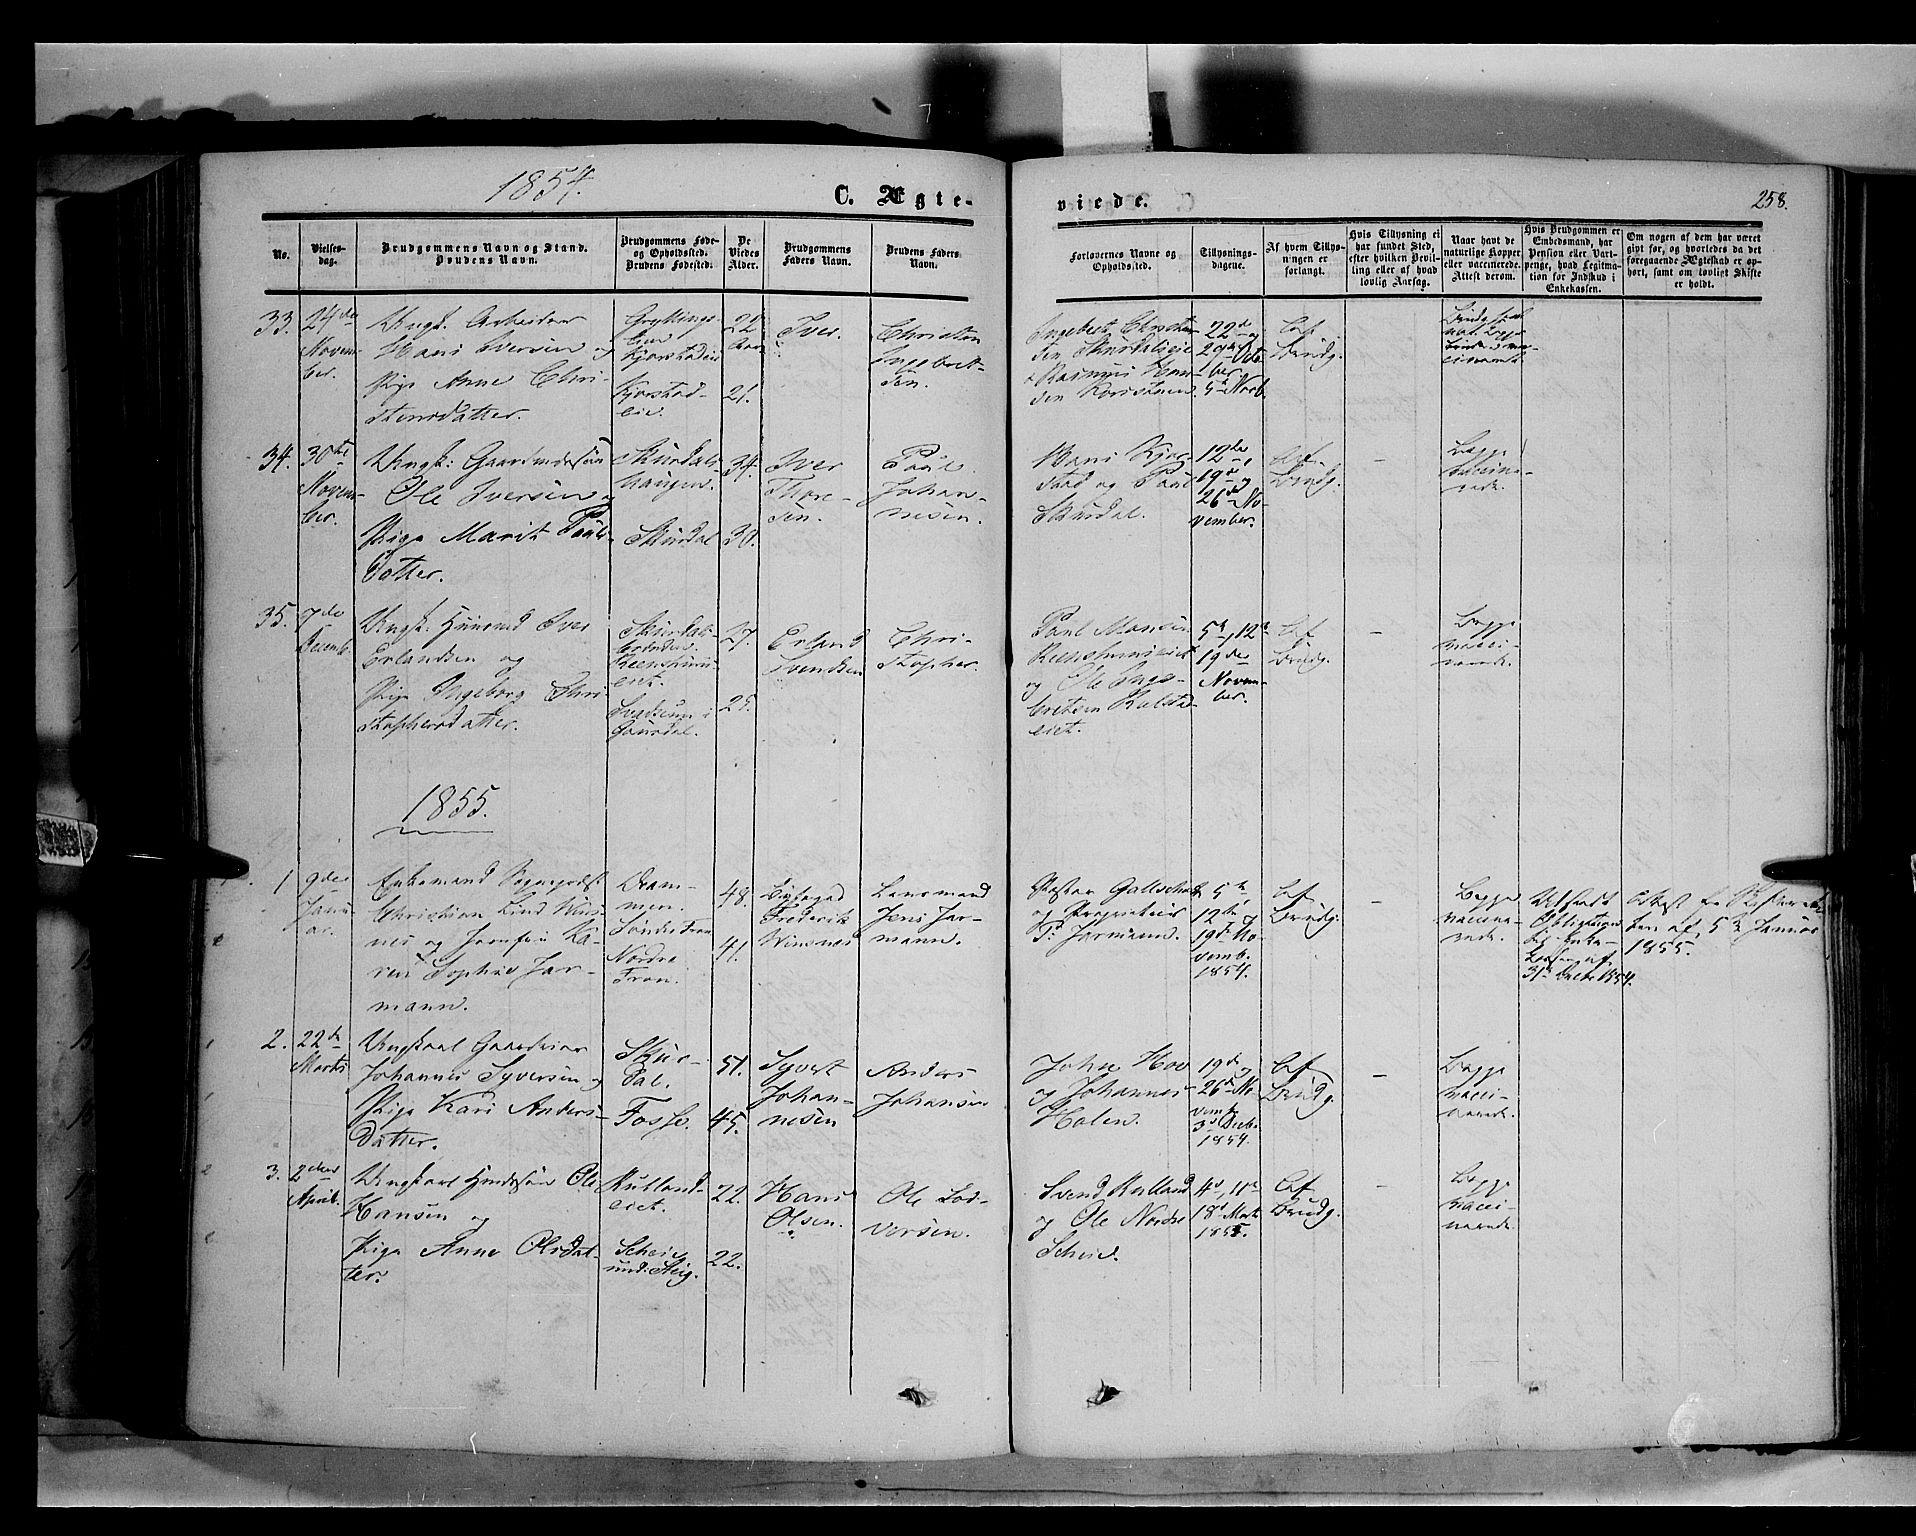 SAH, Sør-Fron prestekontor, H/Ha/Haa/L0001: Ministerialbok nr. 1, 1849-1863, s. 258